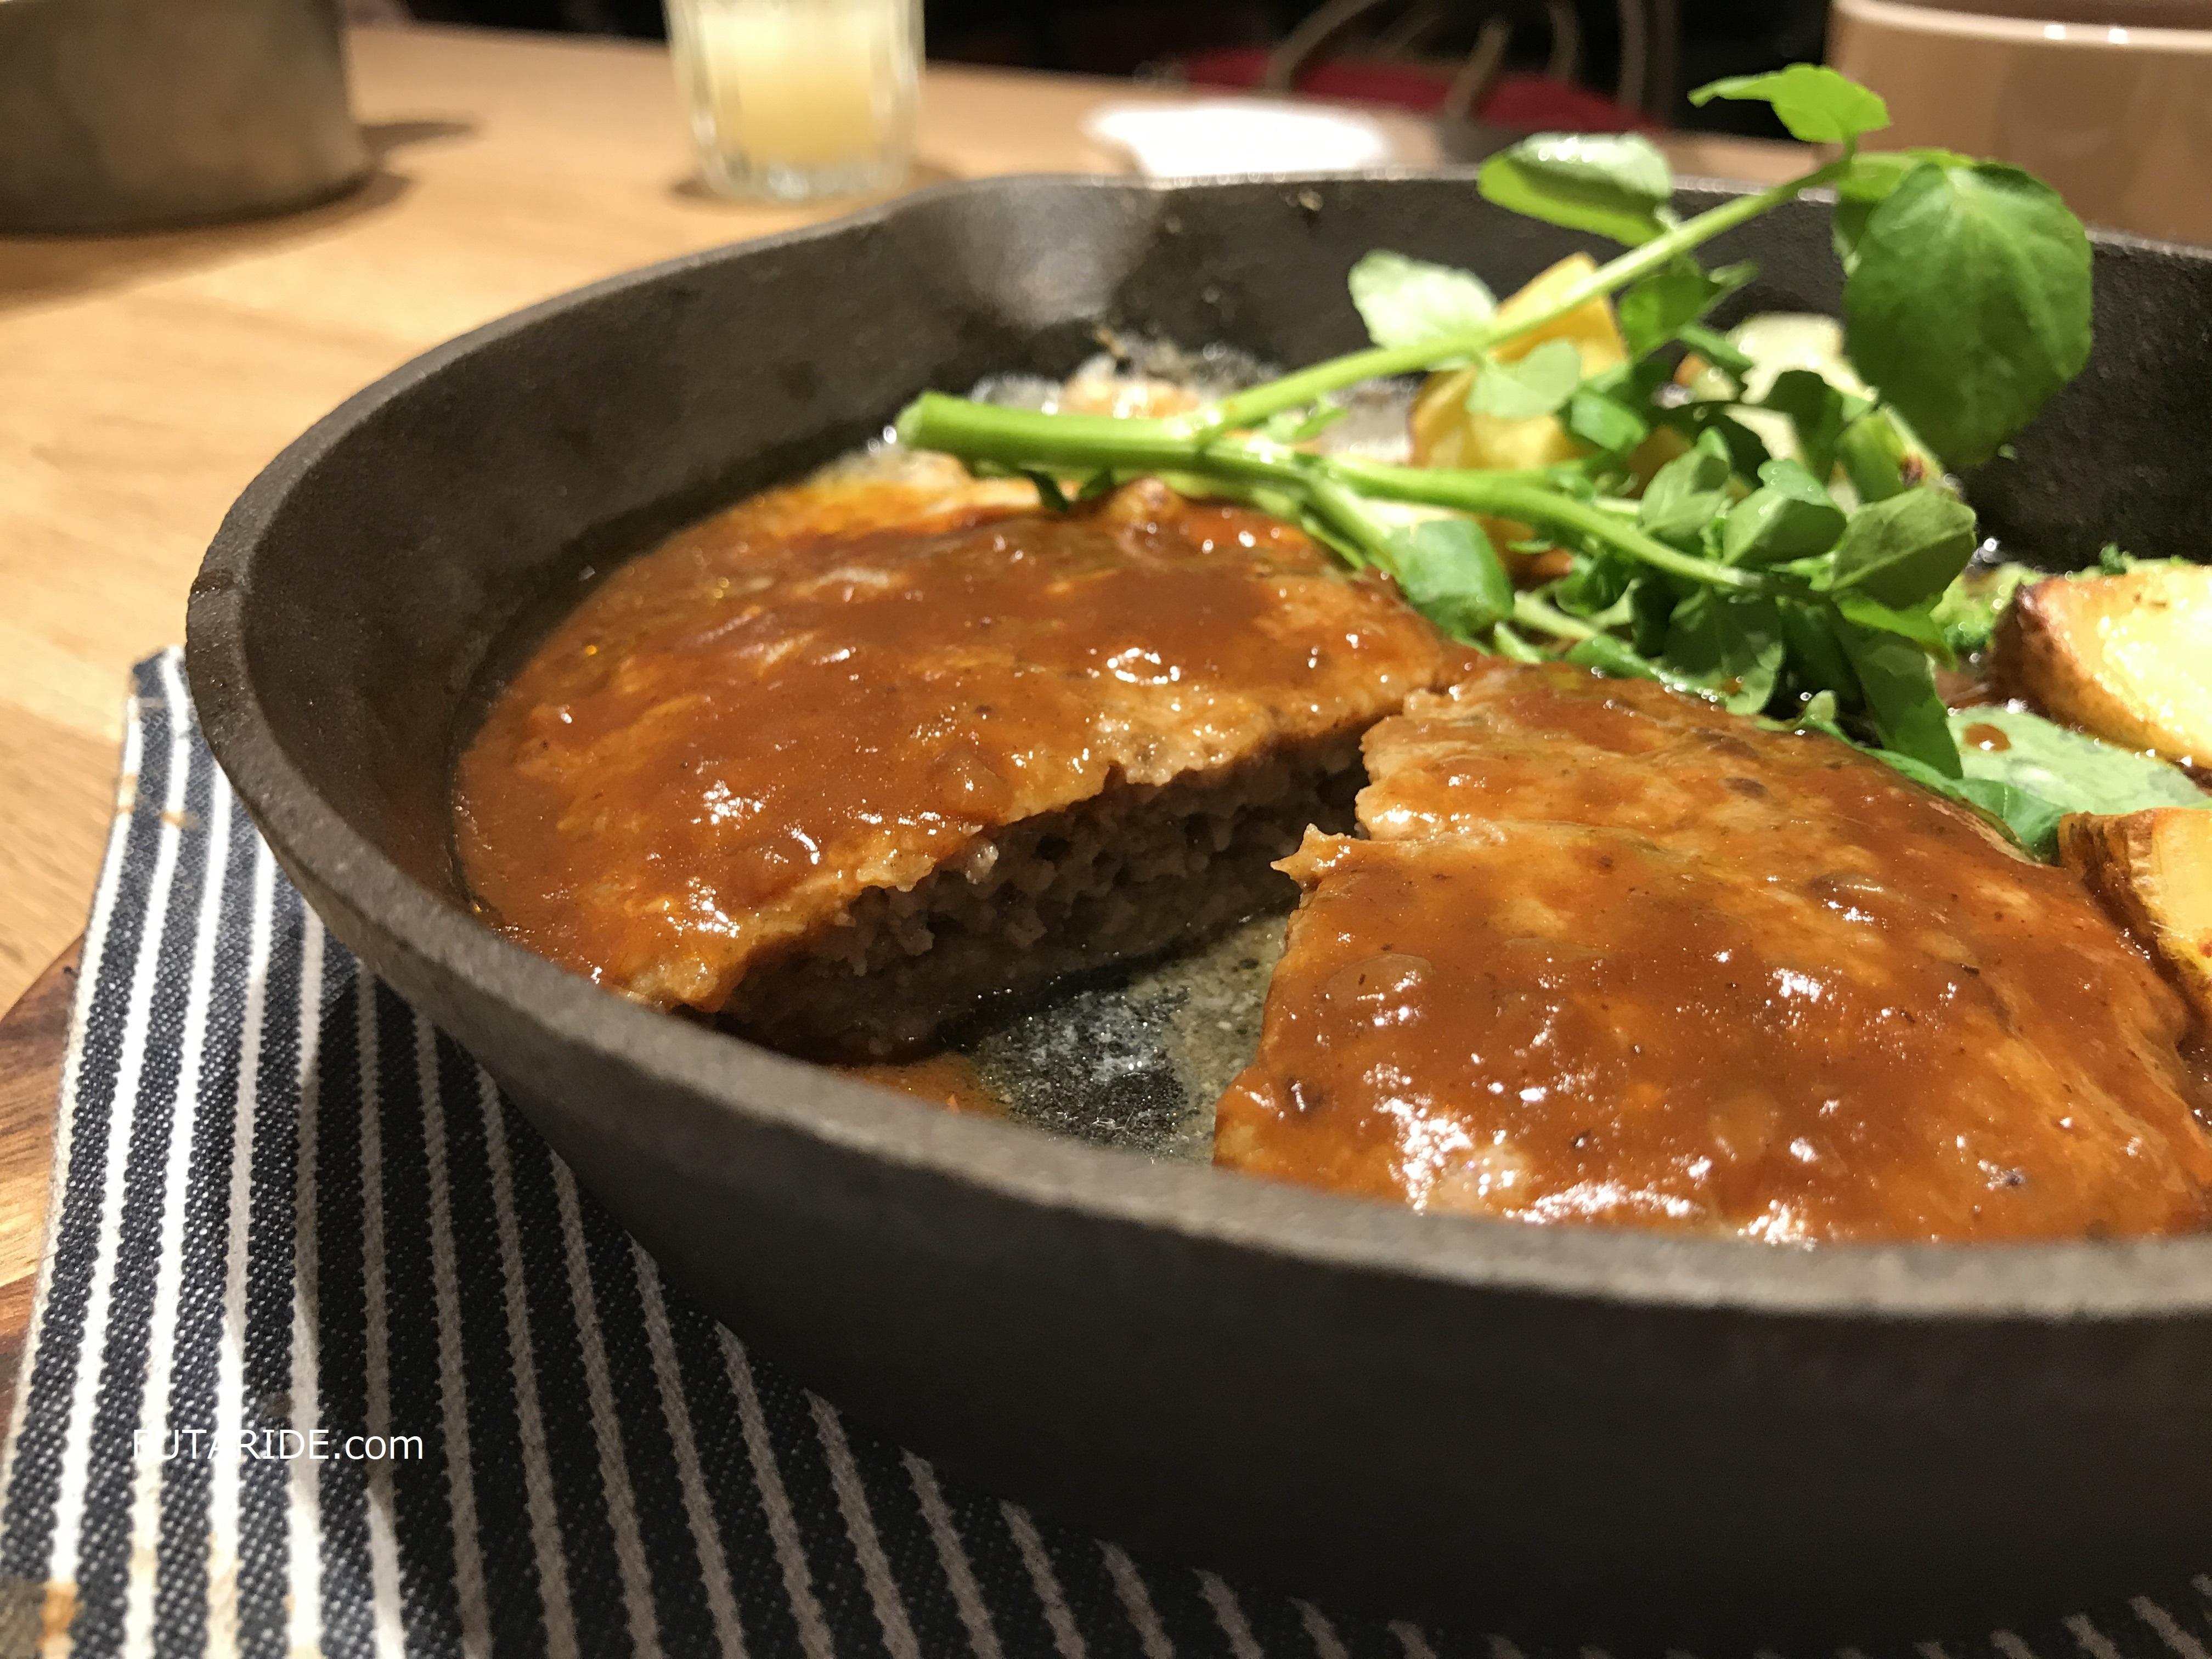 【名駅デート】BARBARA GOODBEER RESTAURANTで美味しいランチを食べよう!